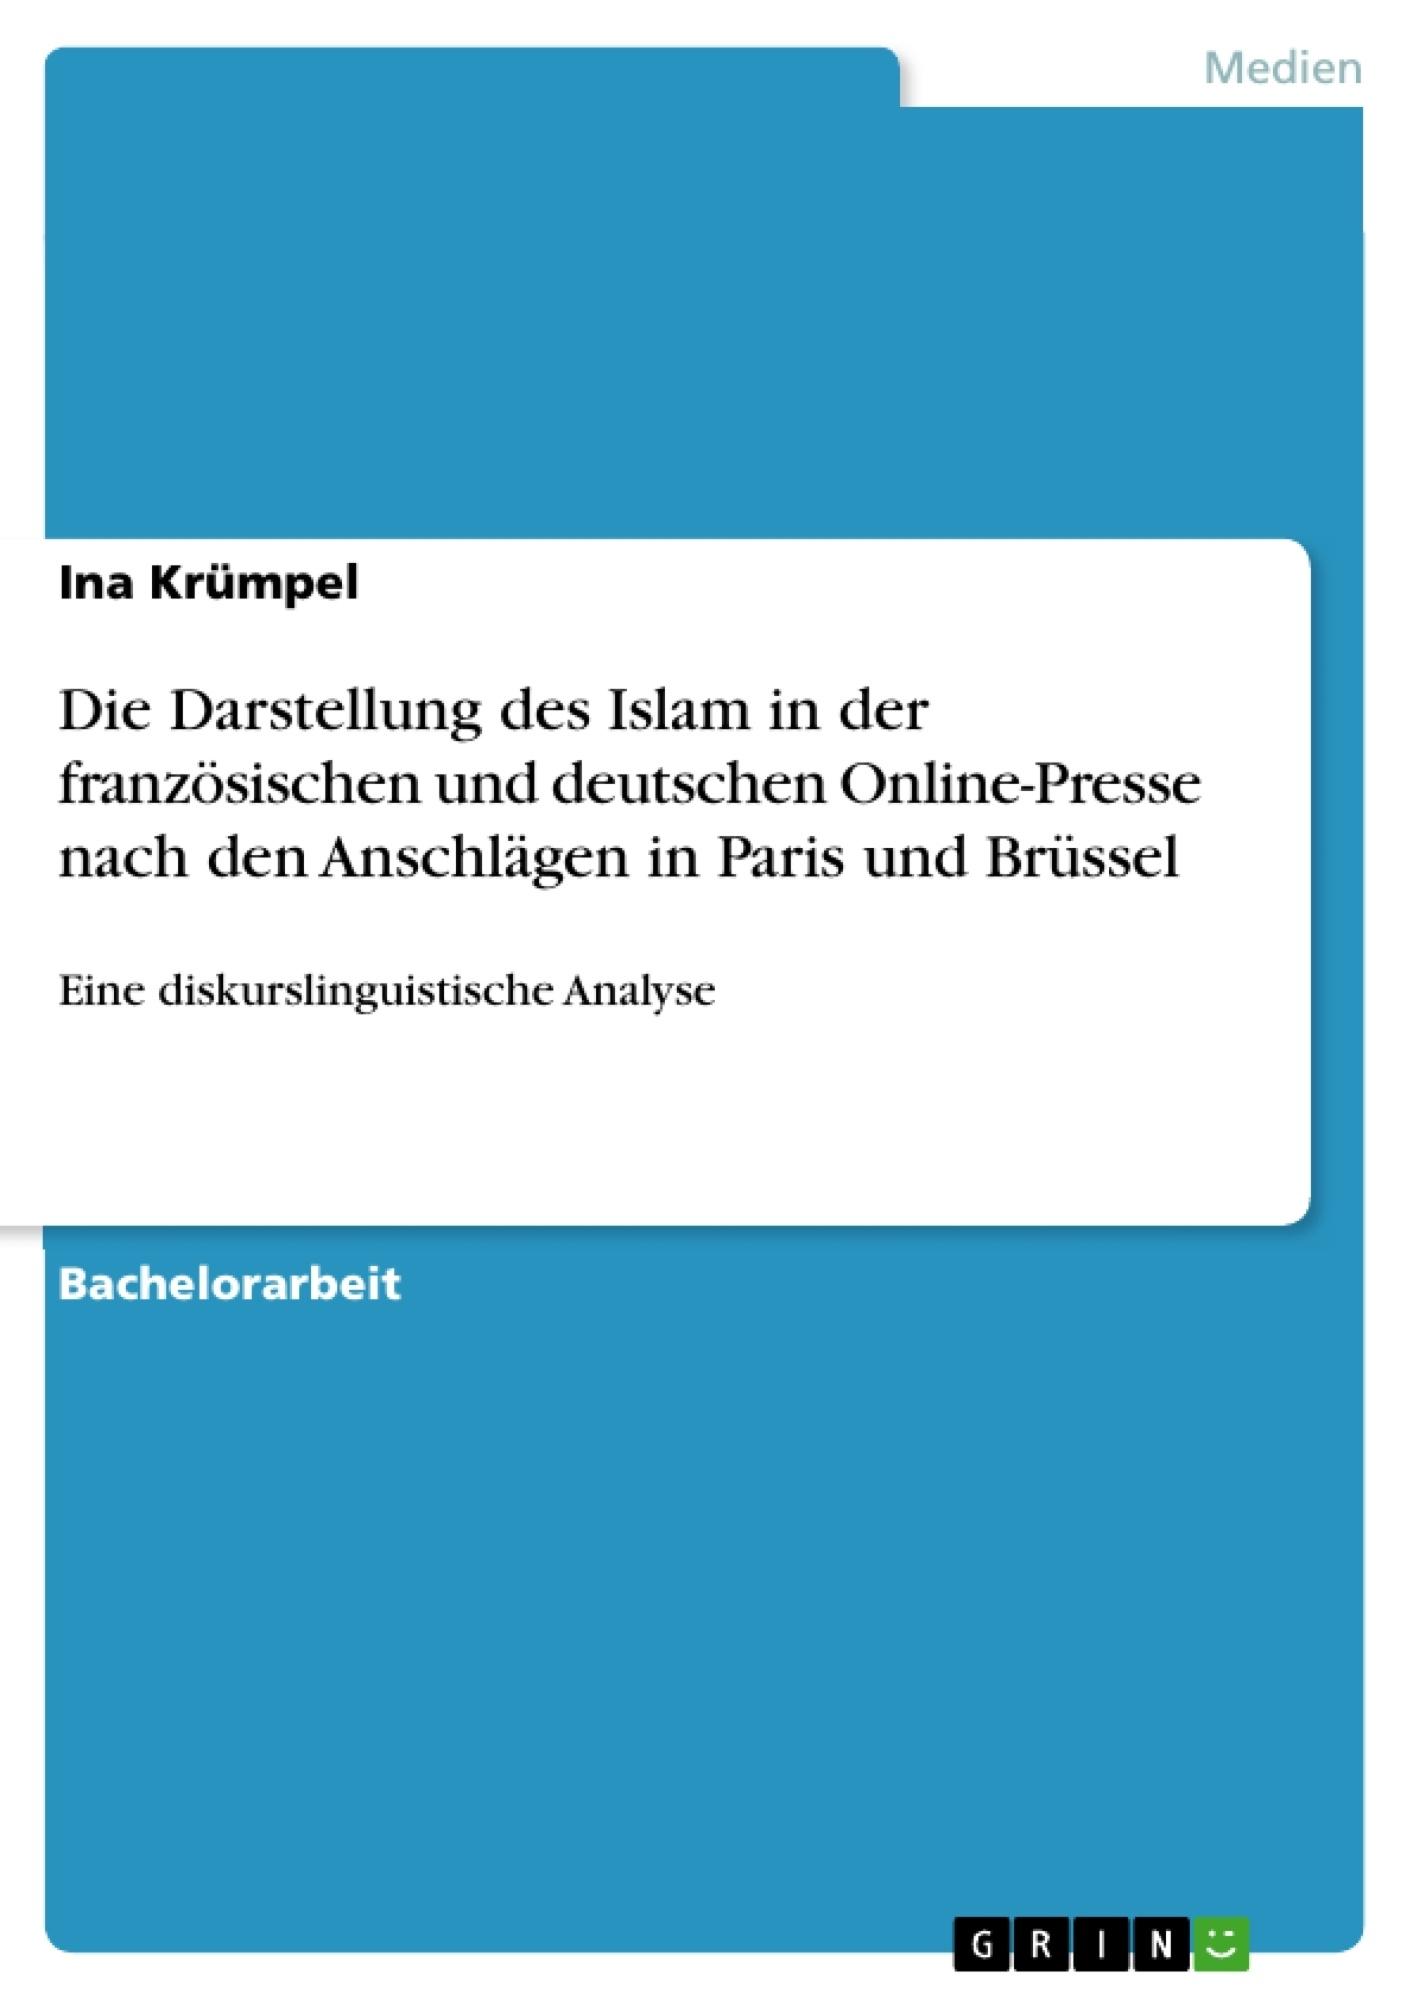 Titel: Die Darstellung des Islam in der französischen und deutschen Online-Presse nach den Anschlägen in Paris und Brüssel